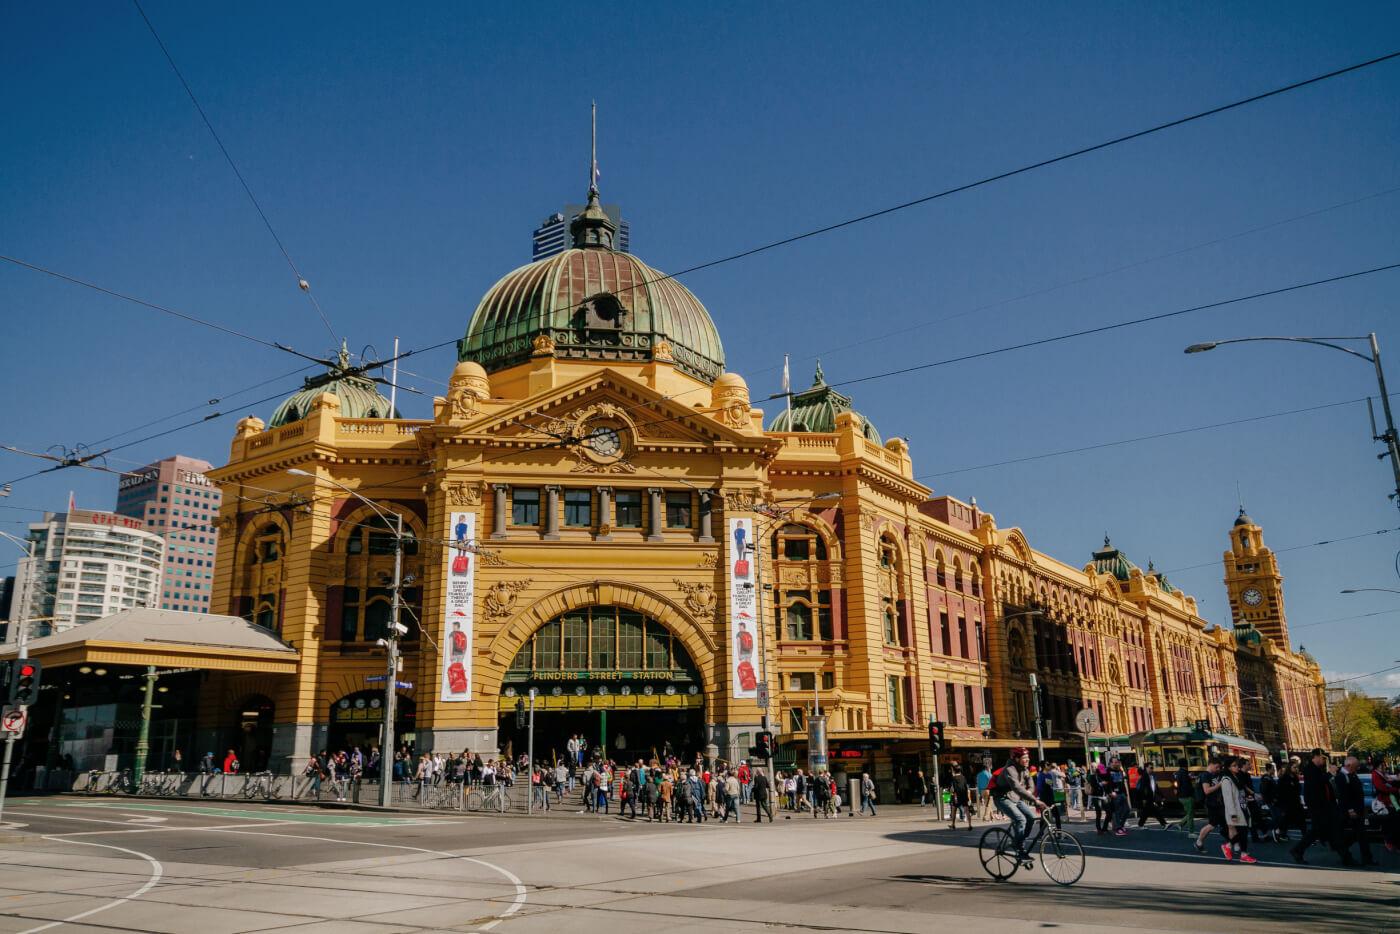 Private Tour Guide Melbourne